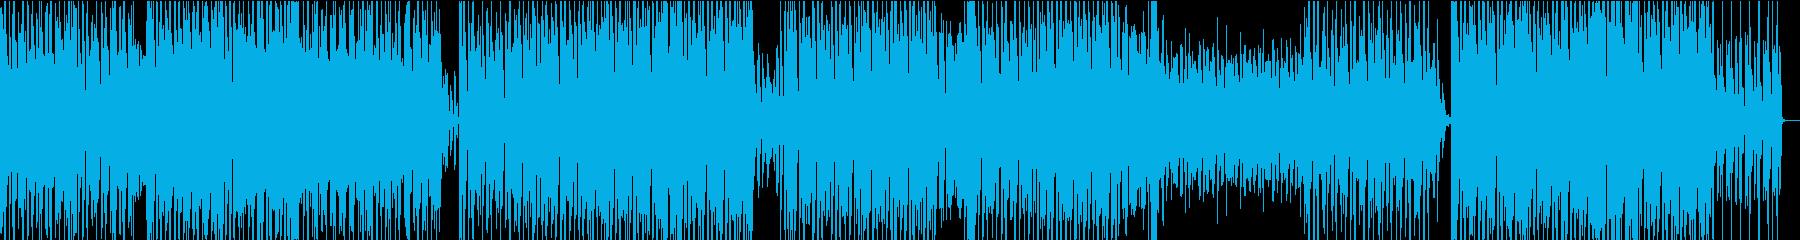 ややトリッピーで忙しいドラムンベー...の再生済みの波形